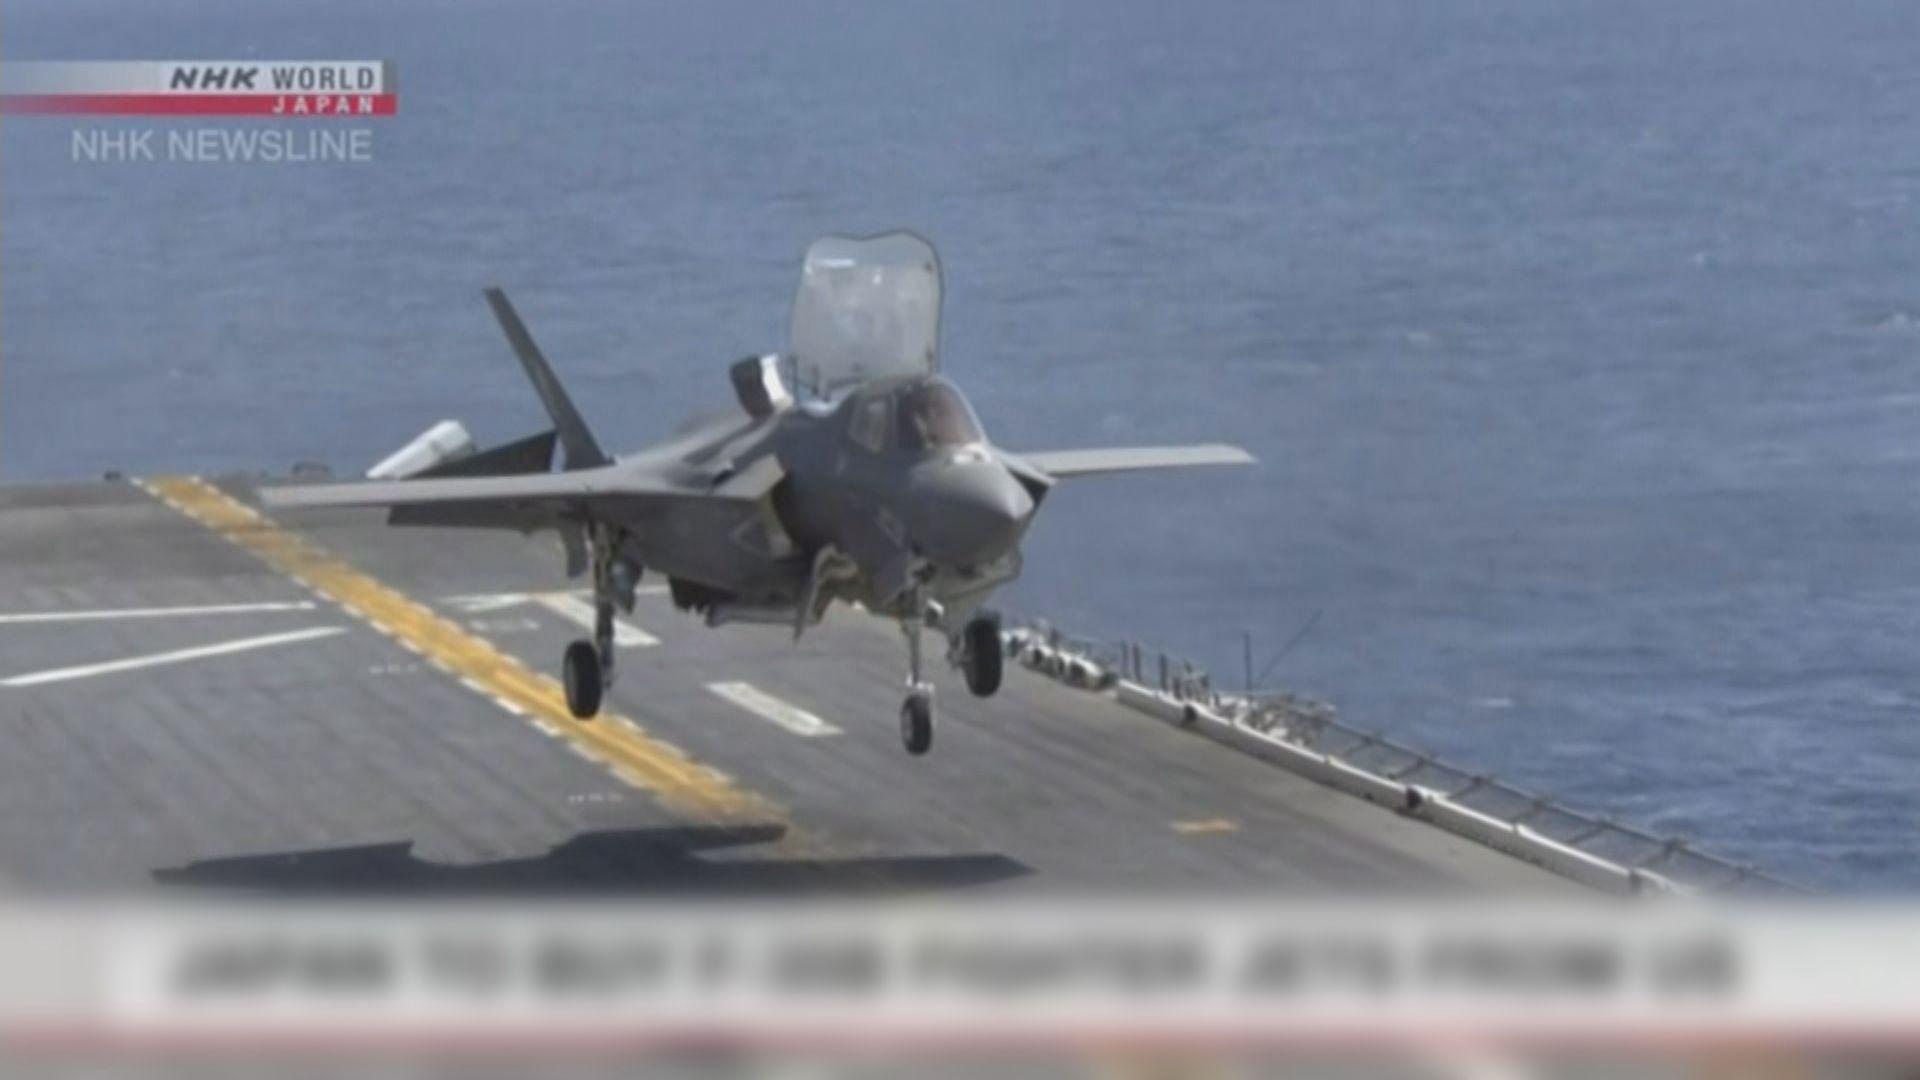 日本擬購F-35B戰機航母化出雲級護衛艦